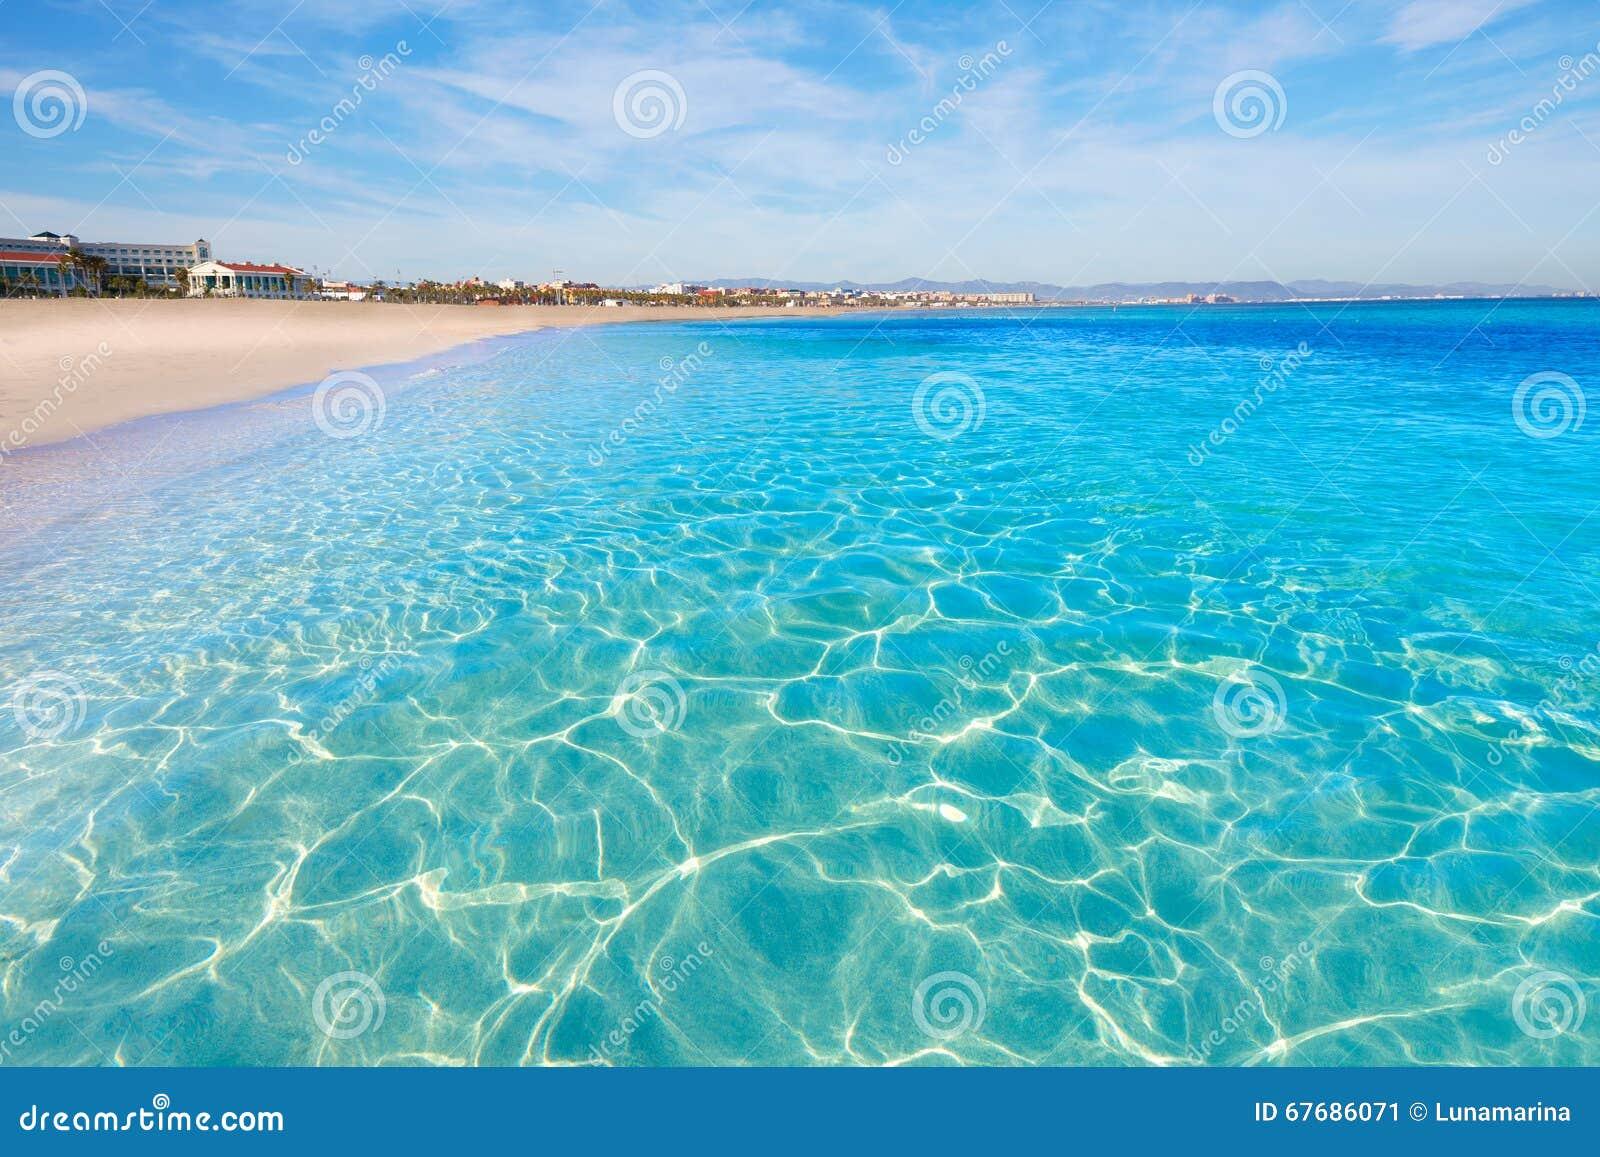 Arene spagna di las della spiaggia di valencia malvarrosa for Spiaggia malvarrosa valencia